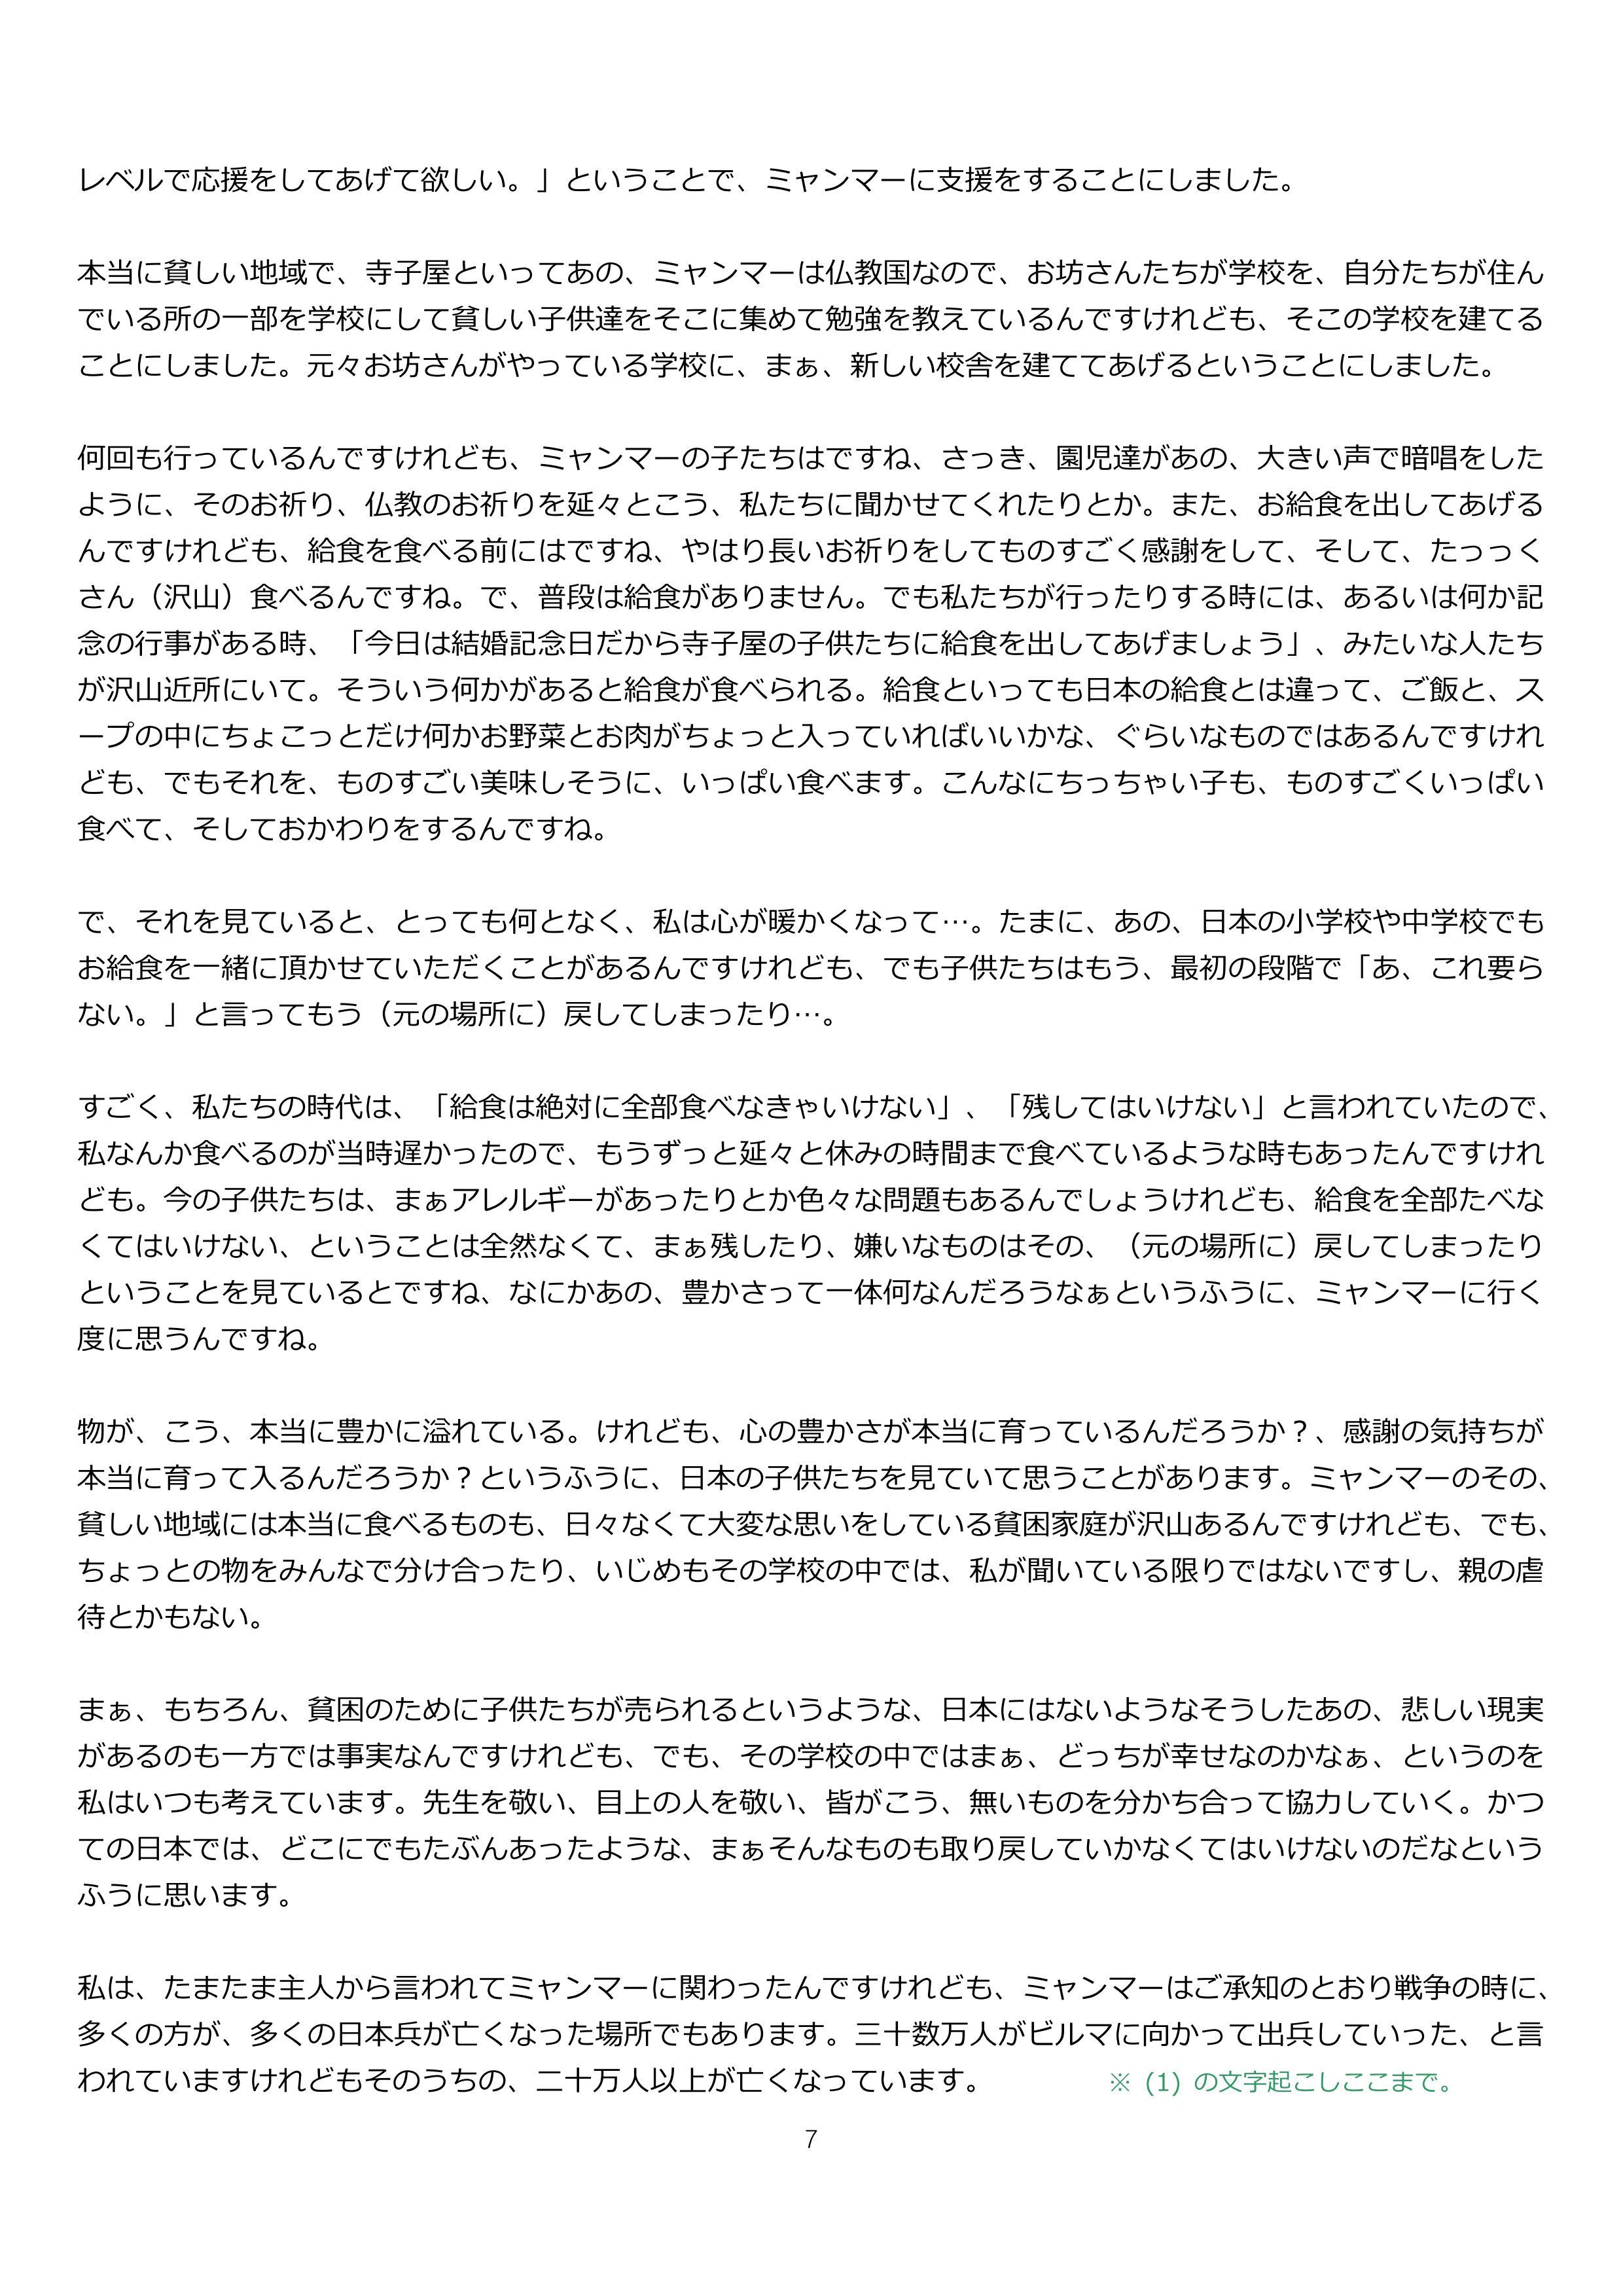 20150905_塚本幼稚園内講演会 (1) (1)_07